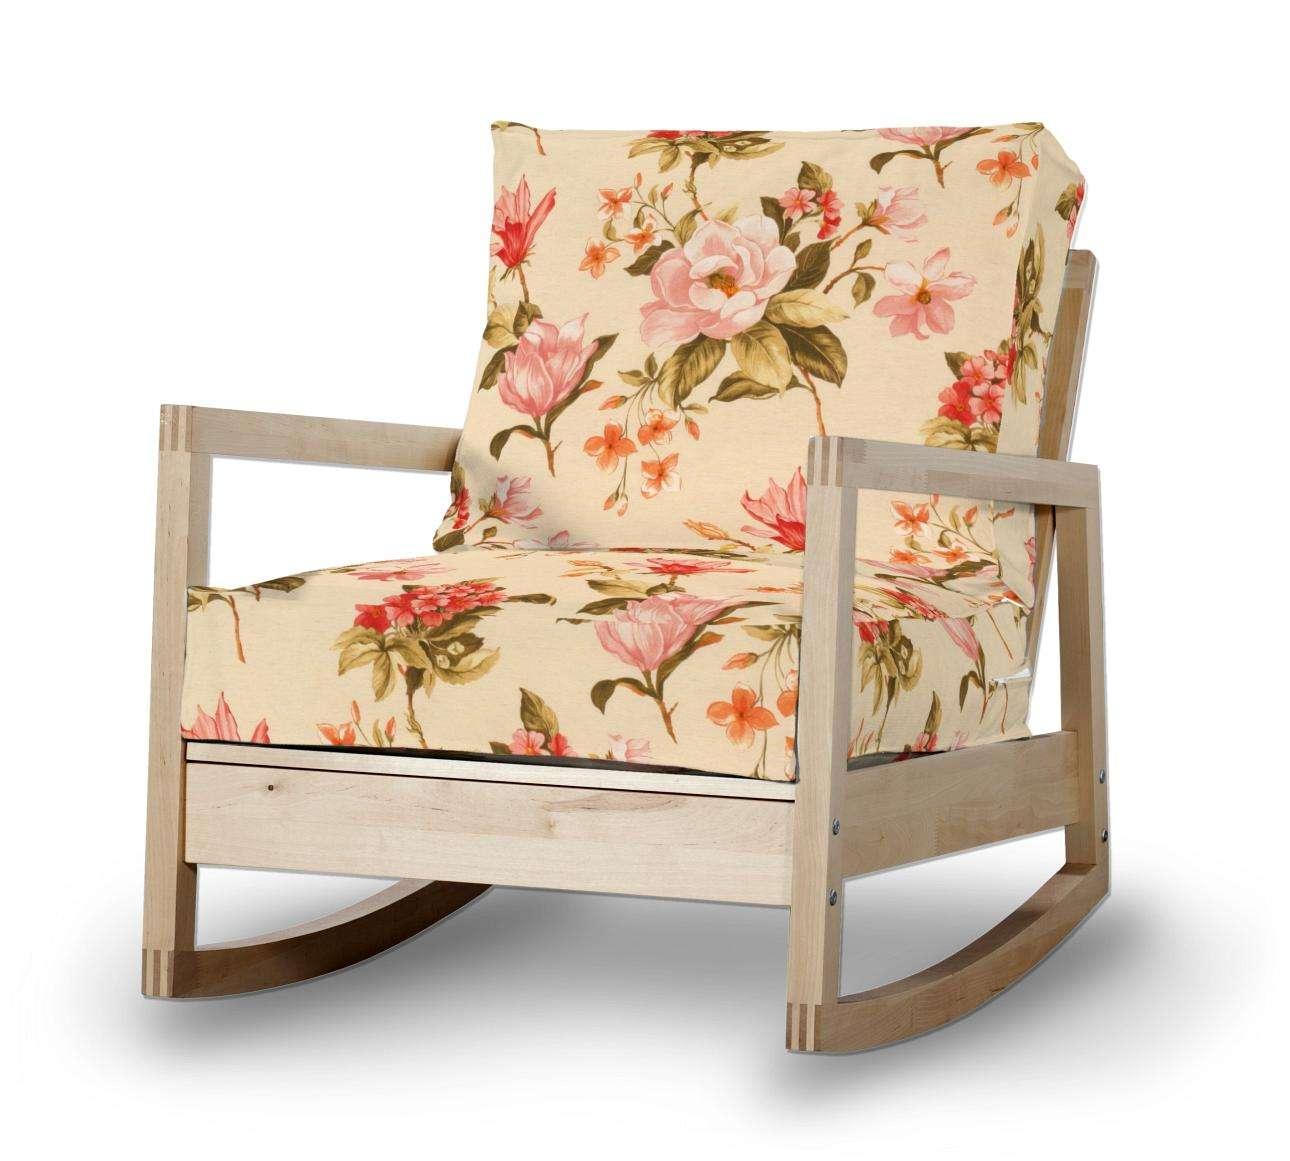 LILLBERG fotelio užvalkalas LILLBERG fotelio užvalkalas kolekcijoje Londres, audinys: 123-05